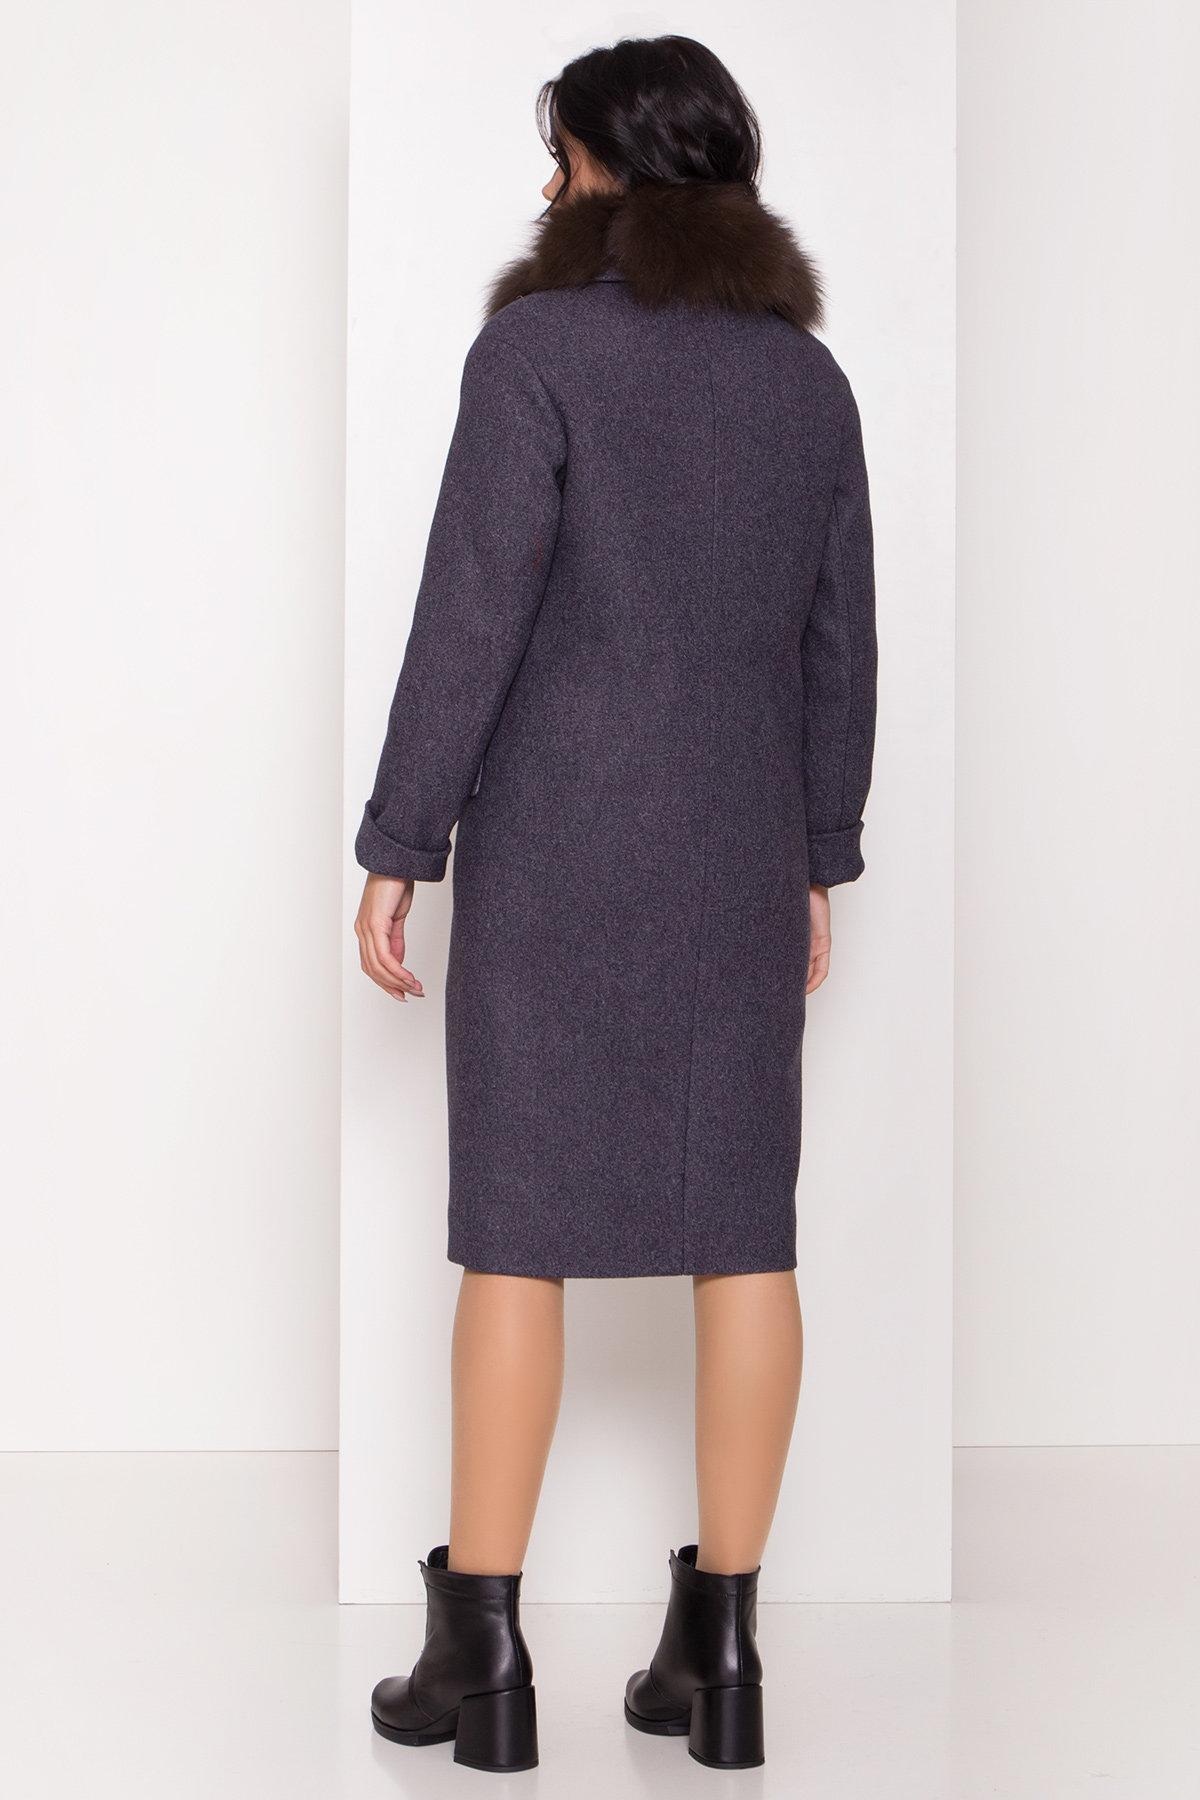 Зимнее пальто с меховым воротником Моле 8185 АРТ. 44191 Цвет: Т.синий 543 - фото 3, интернет магазин tm-modus.ru